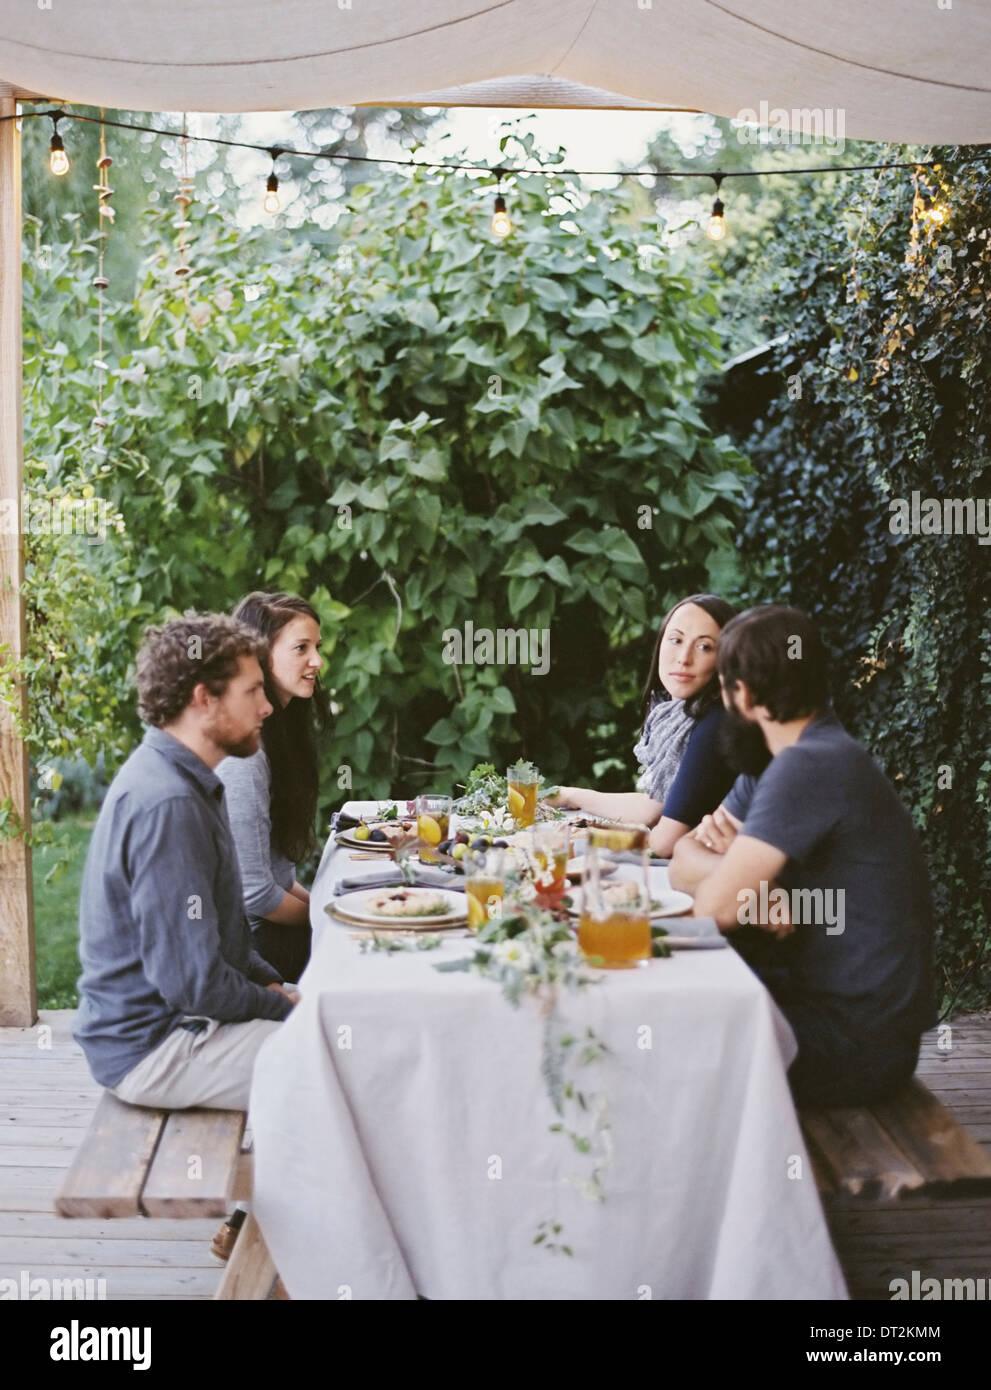 Vier Personen sitzen an einem Tisch im Garten Gedecke und Dekorationen auf ein weißes Tischtuch zwei Männer Stockbild